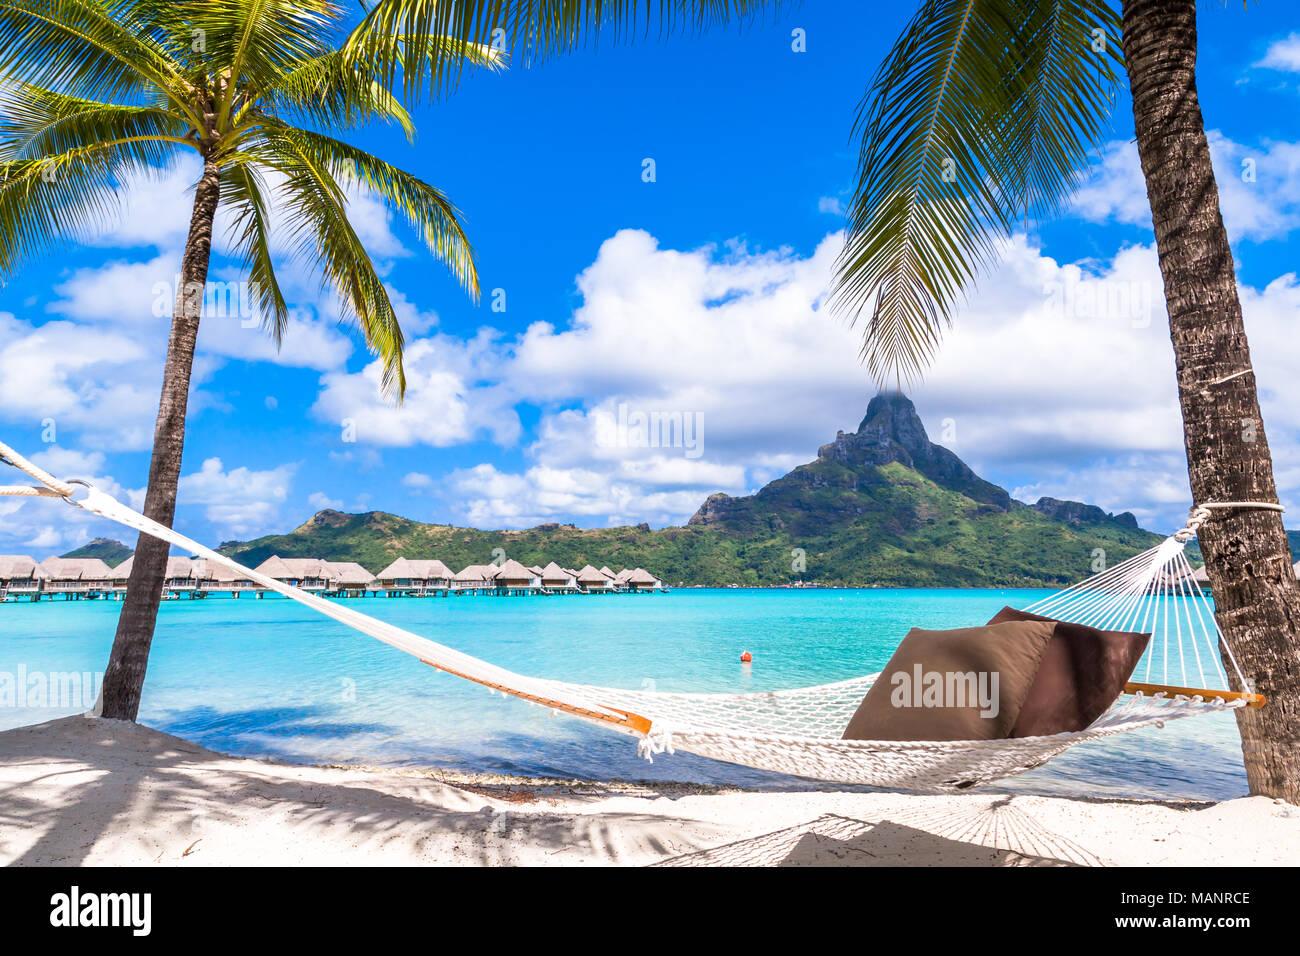 Bora Bora Island, French Polynesia. - Stock Image